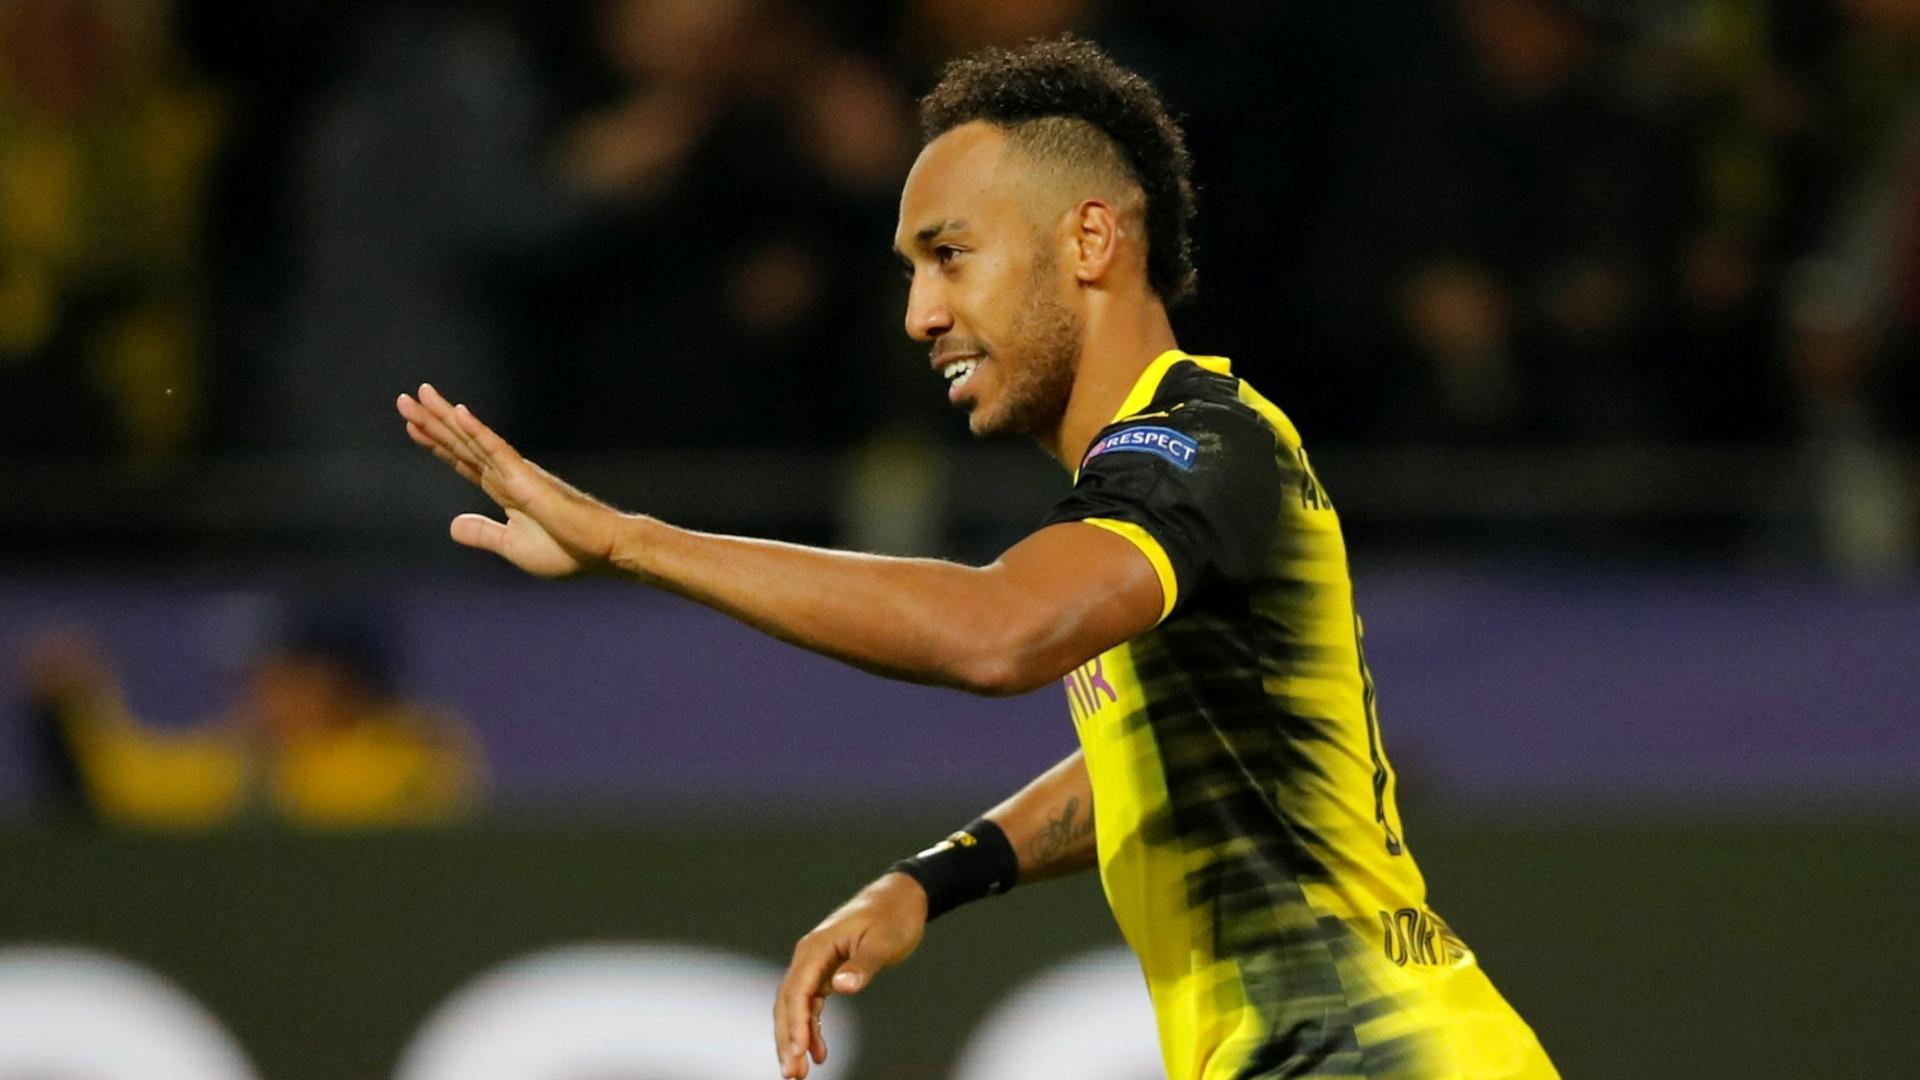 Aubameyang celebra após marcar pelo Dortmund contra o Real